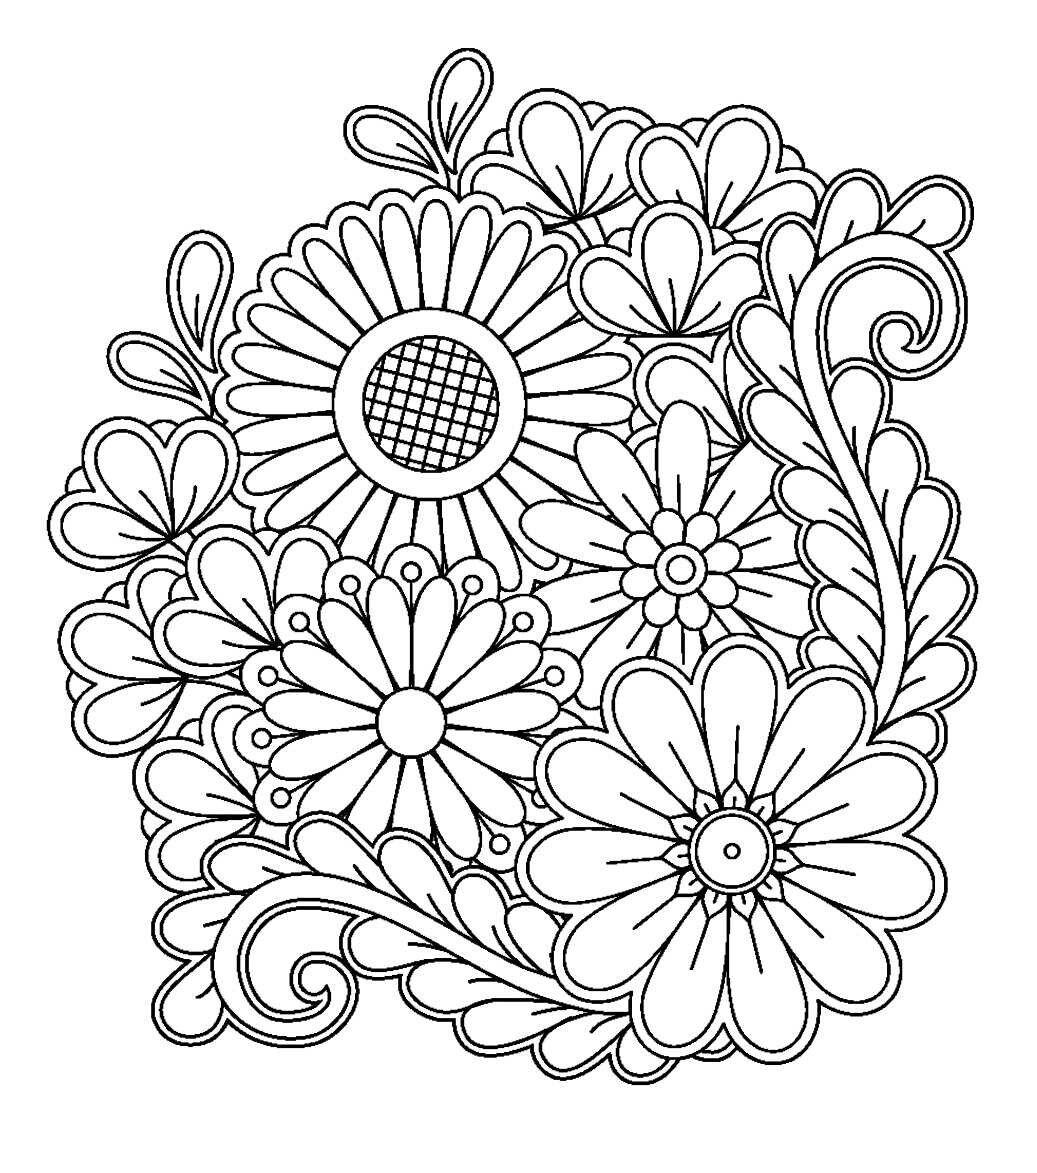 Flower Design For Zentangle Inspiration